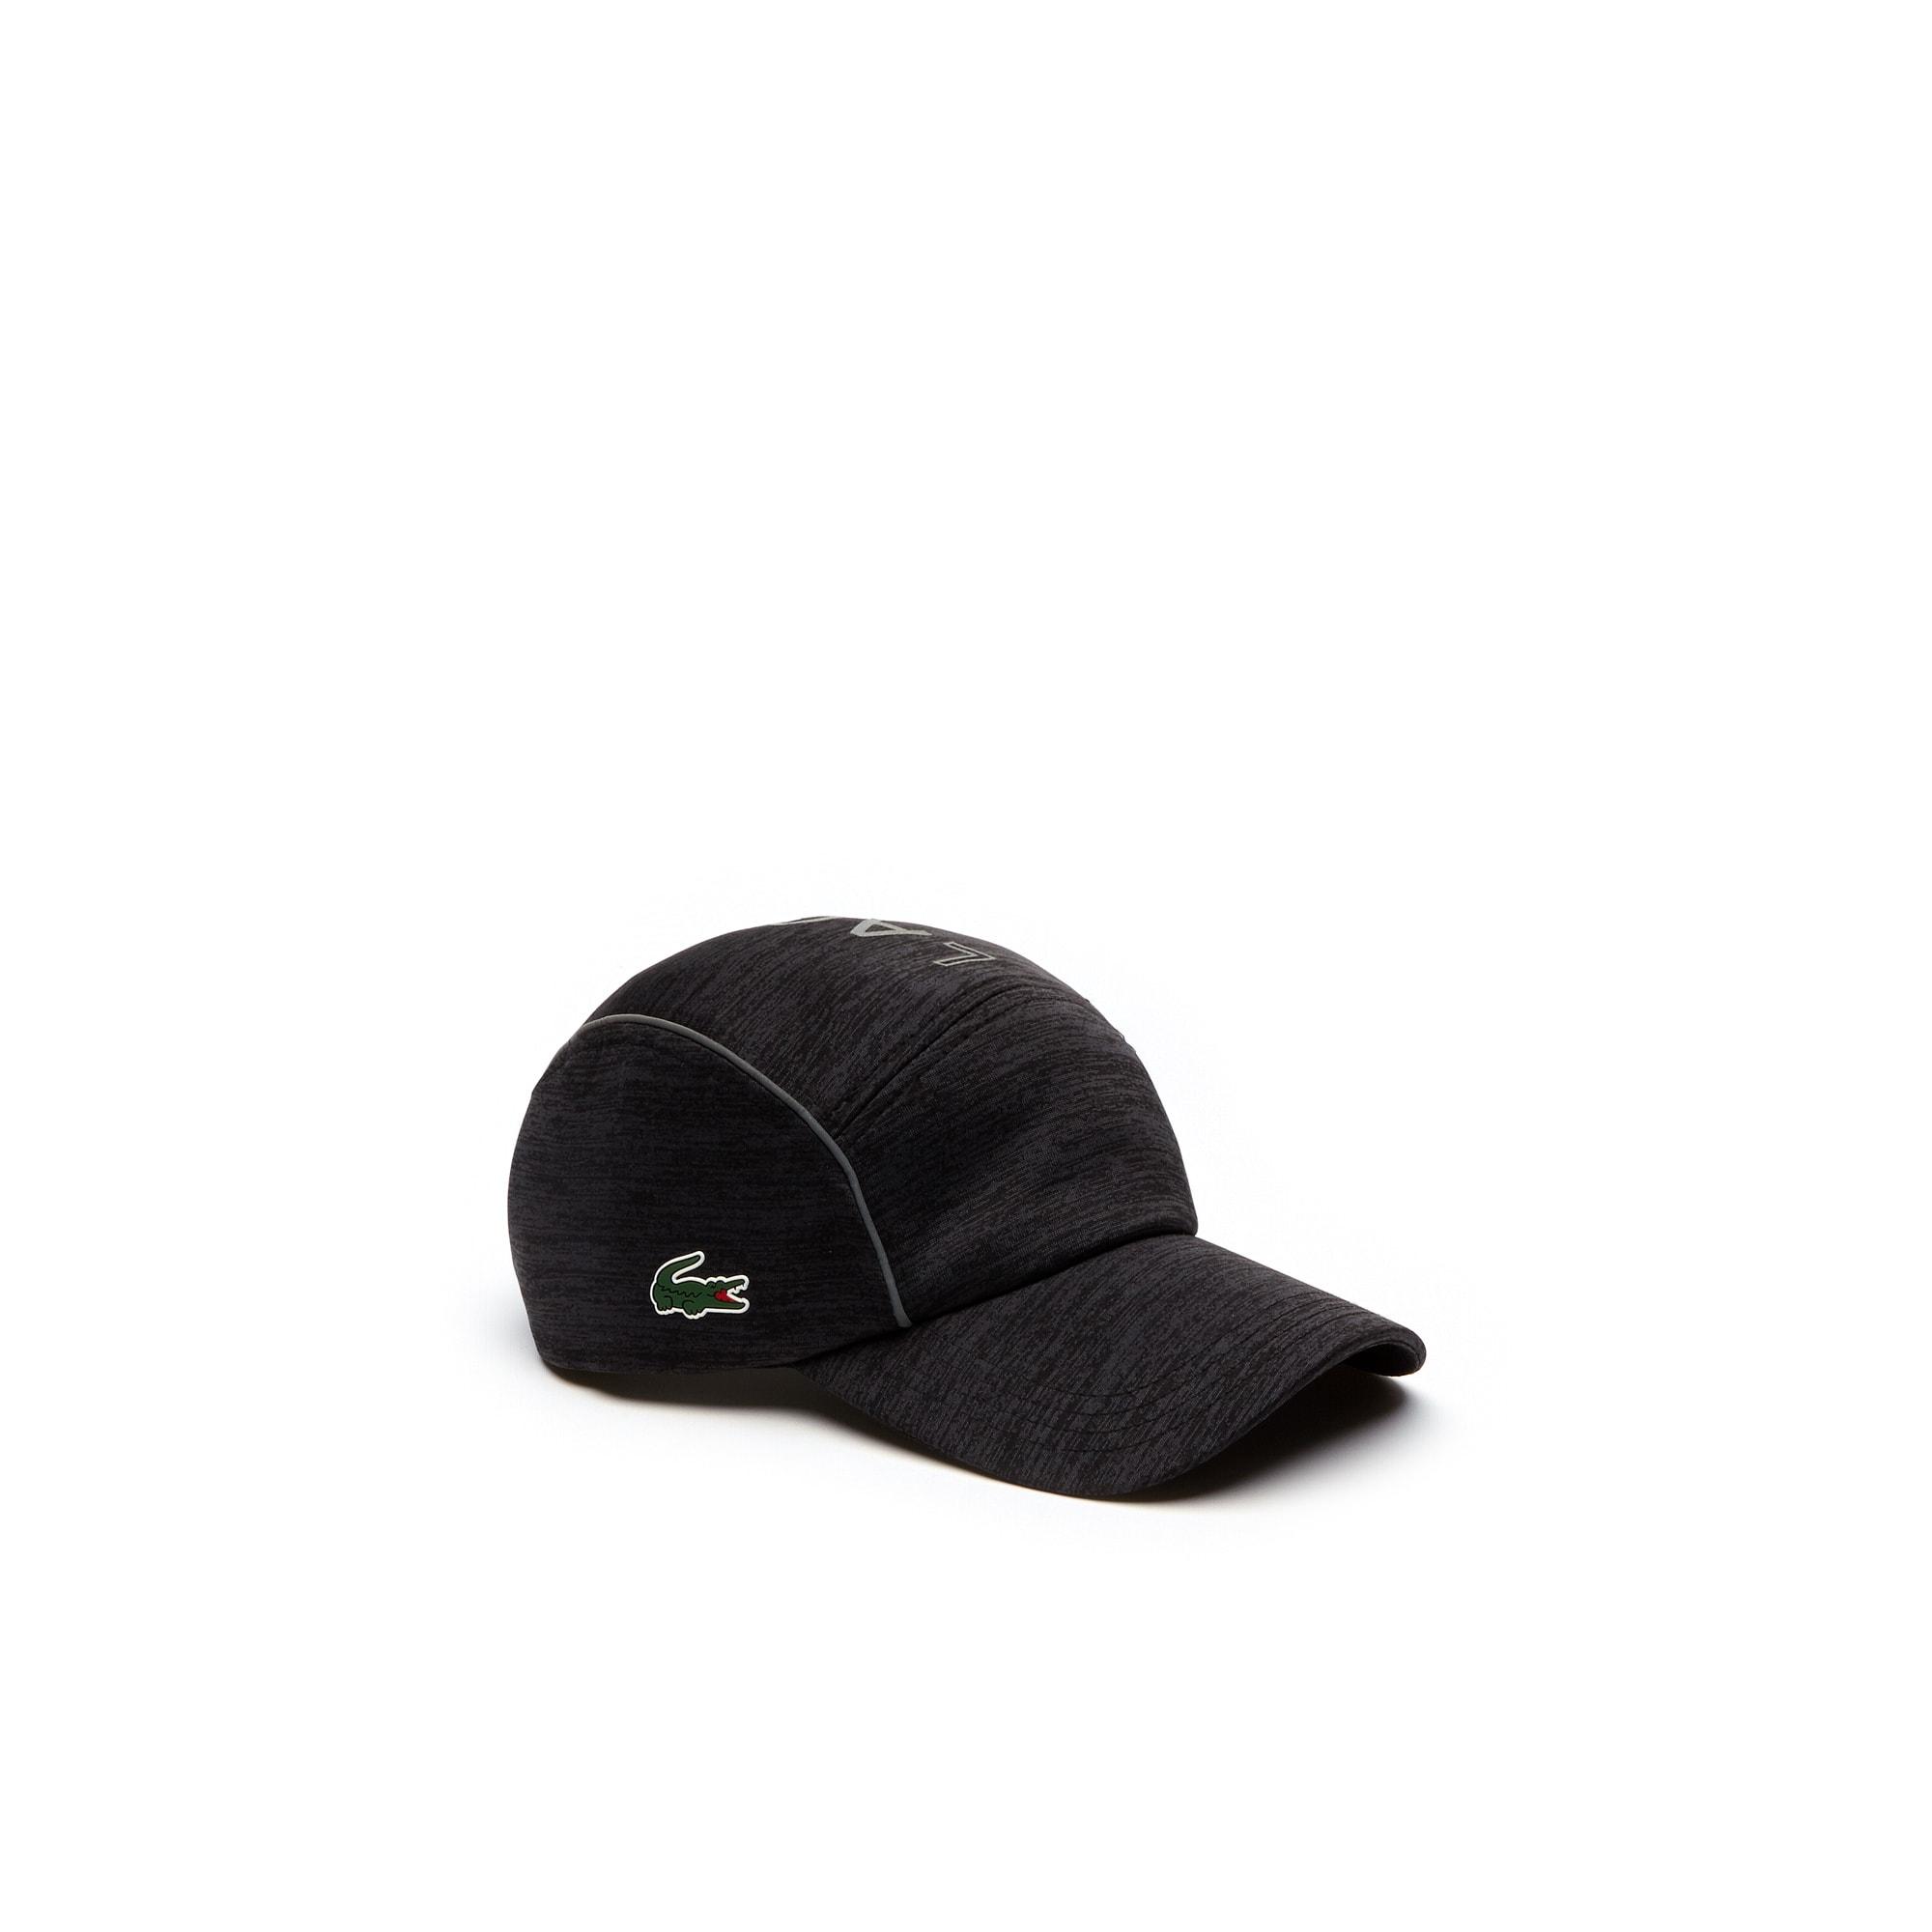 Men's Lacoste SPORT Tennis Jersey & Metallic Mesh Cap